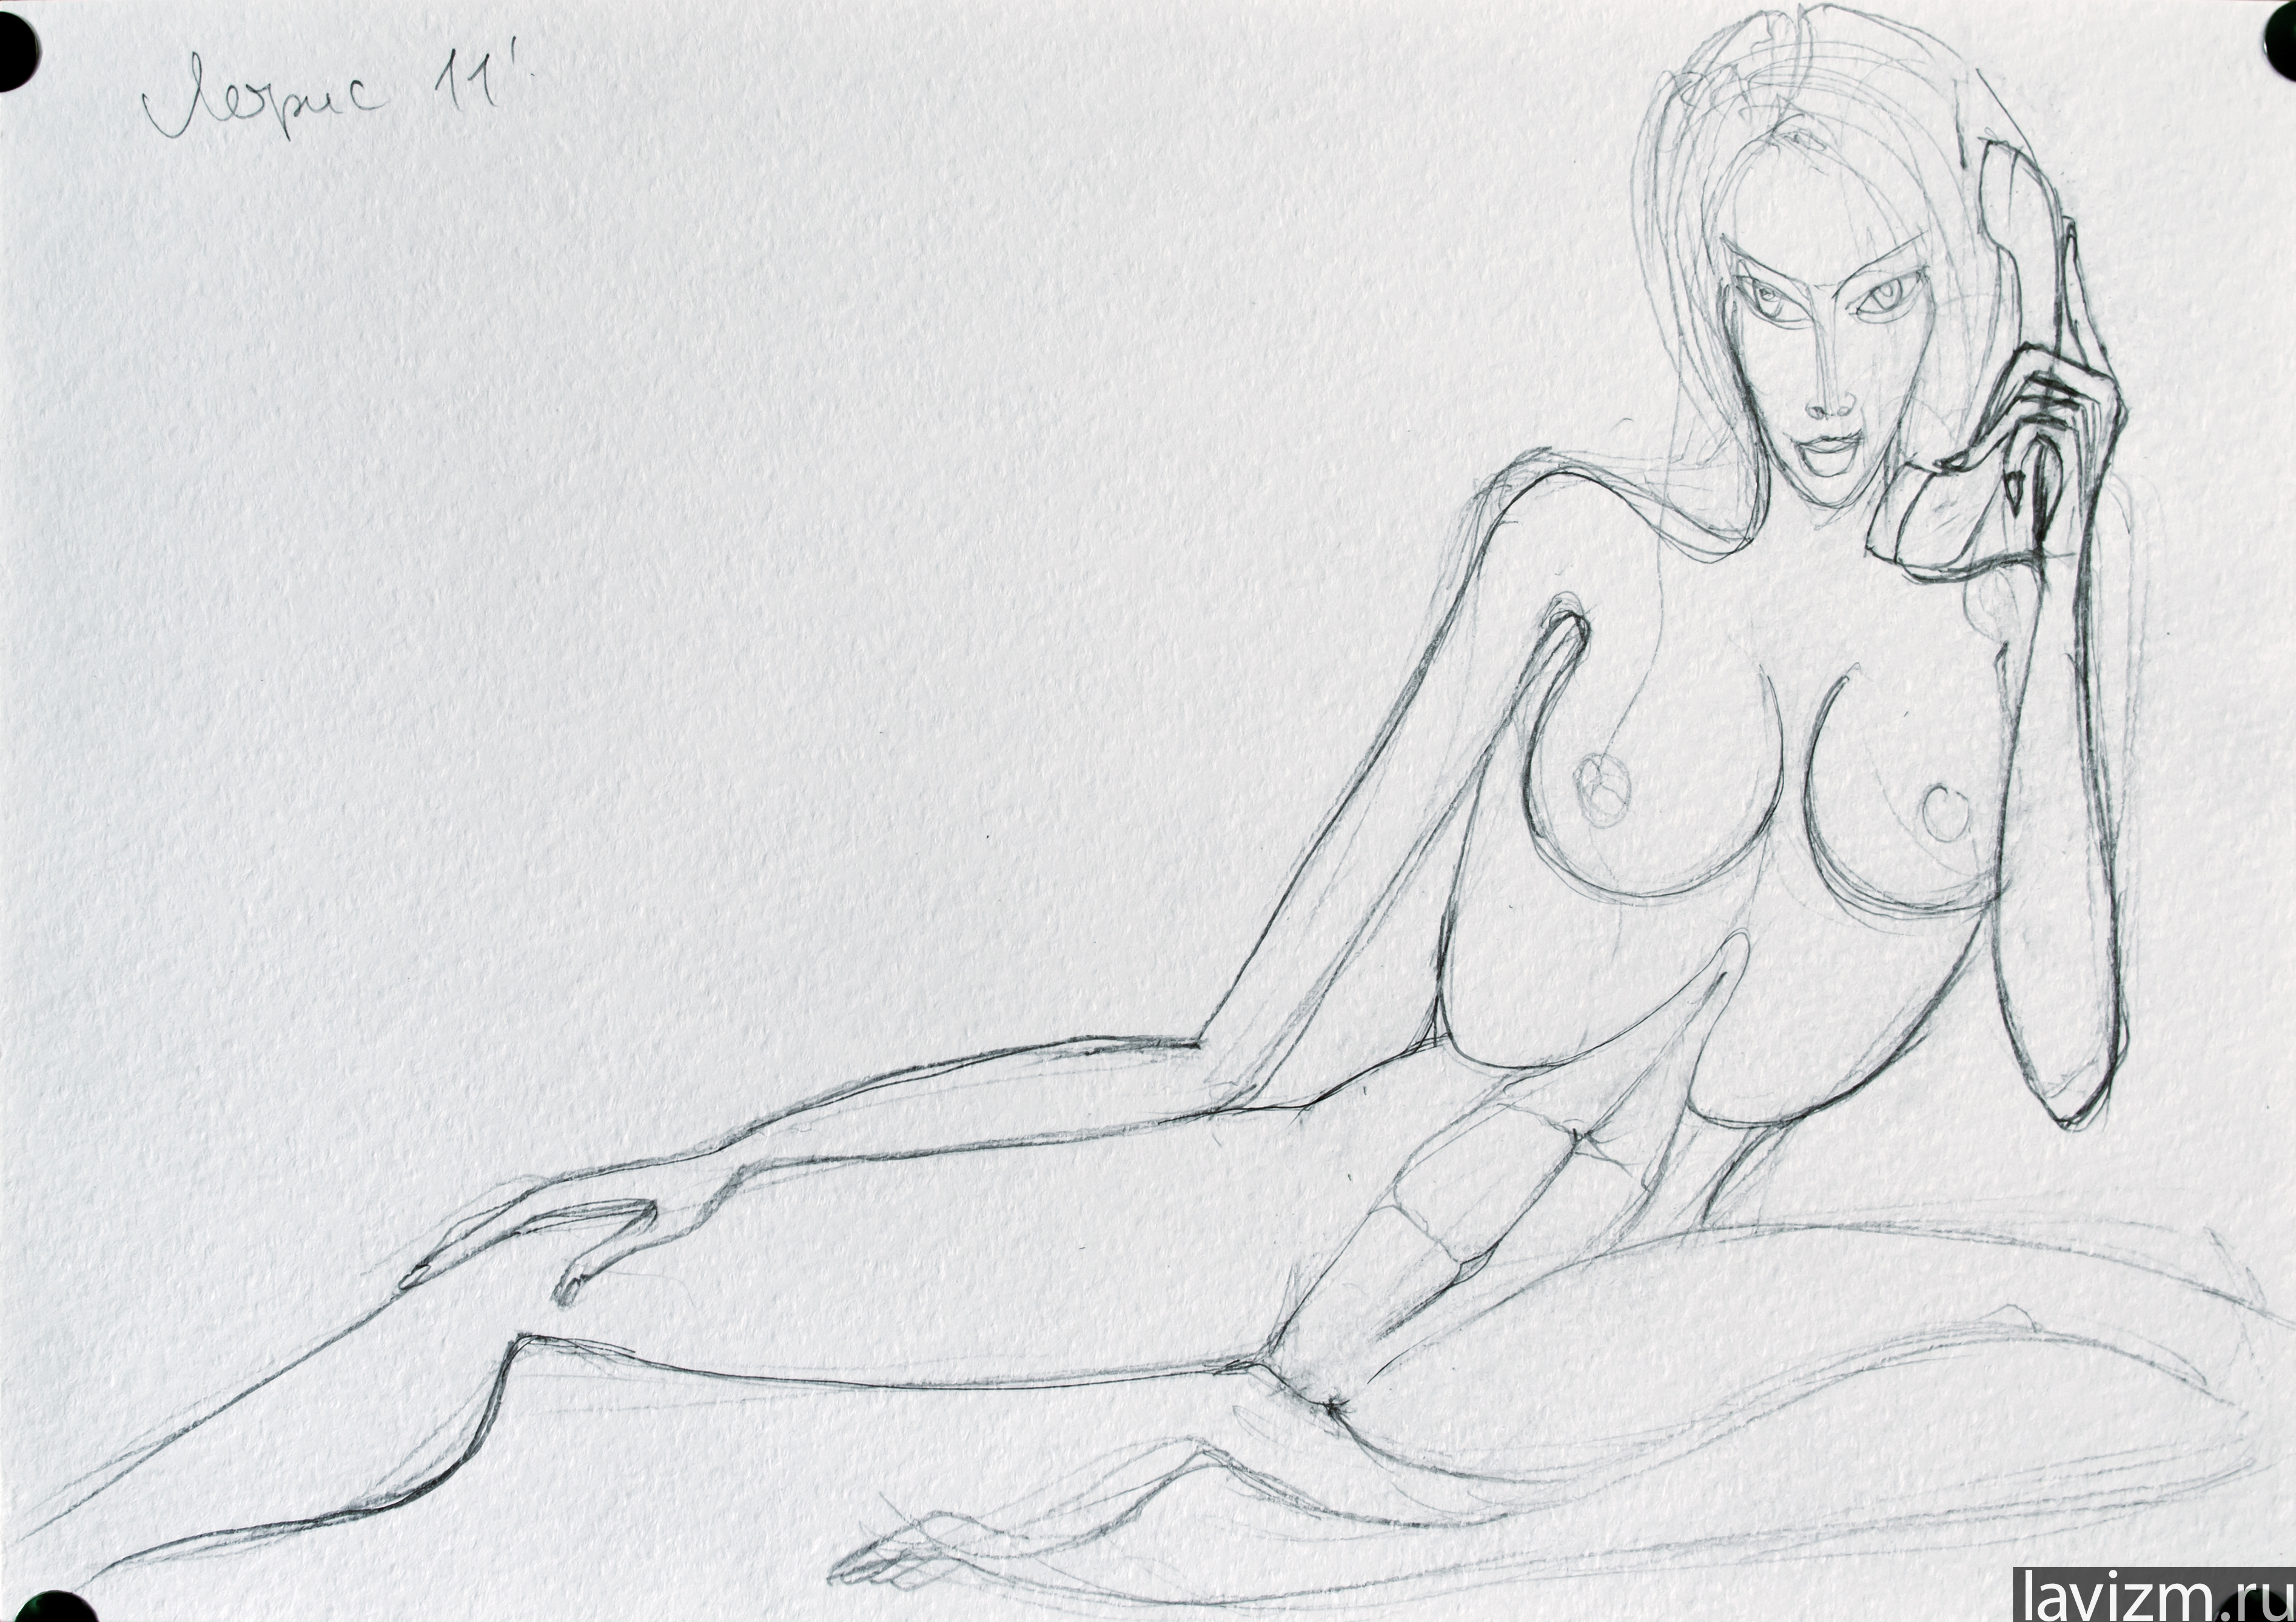 Рисованные карандашом голые девушки 18 фотография